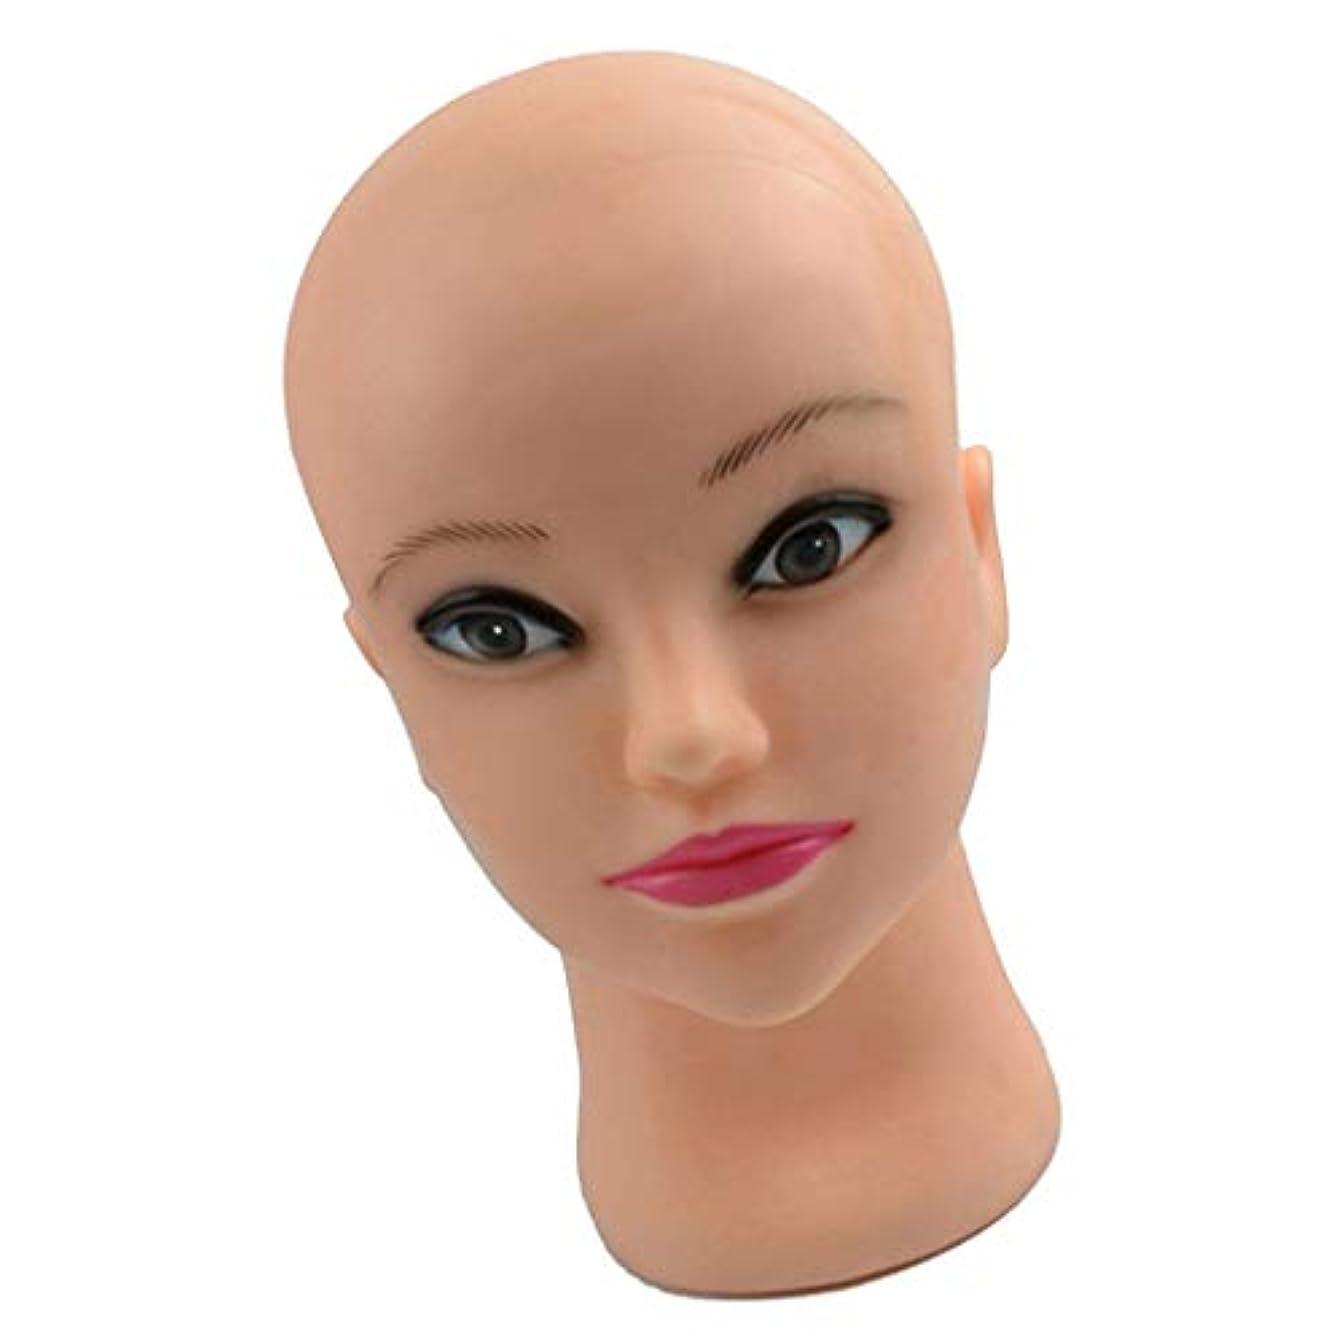 納屋賠償重力マネキンヘッド メイク 化粧練習 シリコーン メイク練習用 モデル 美容室用 トレーニングに